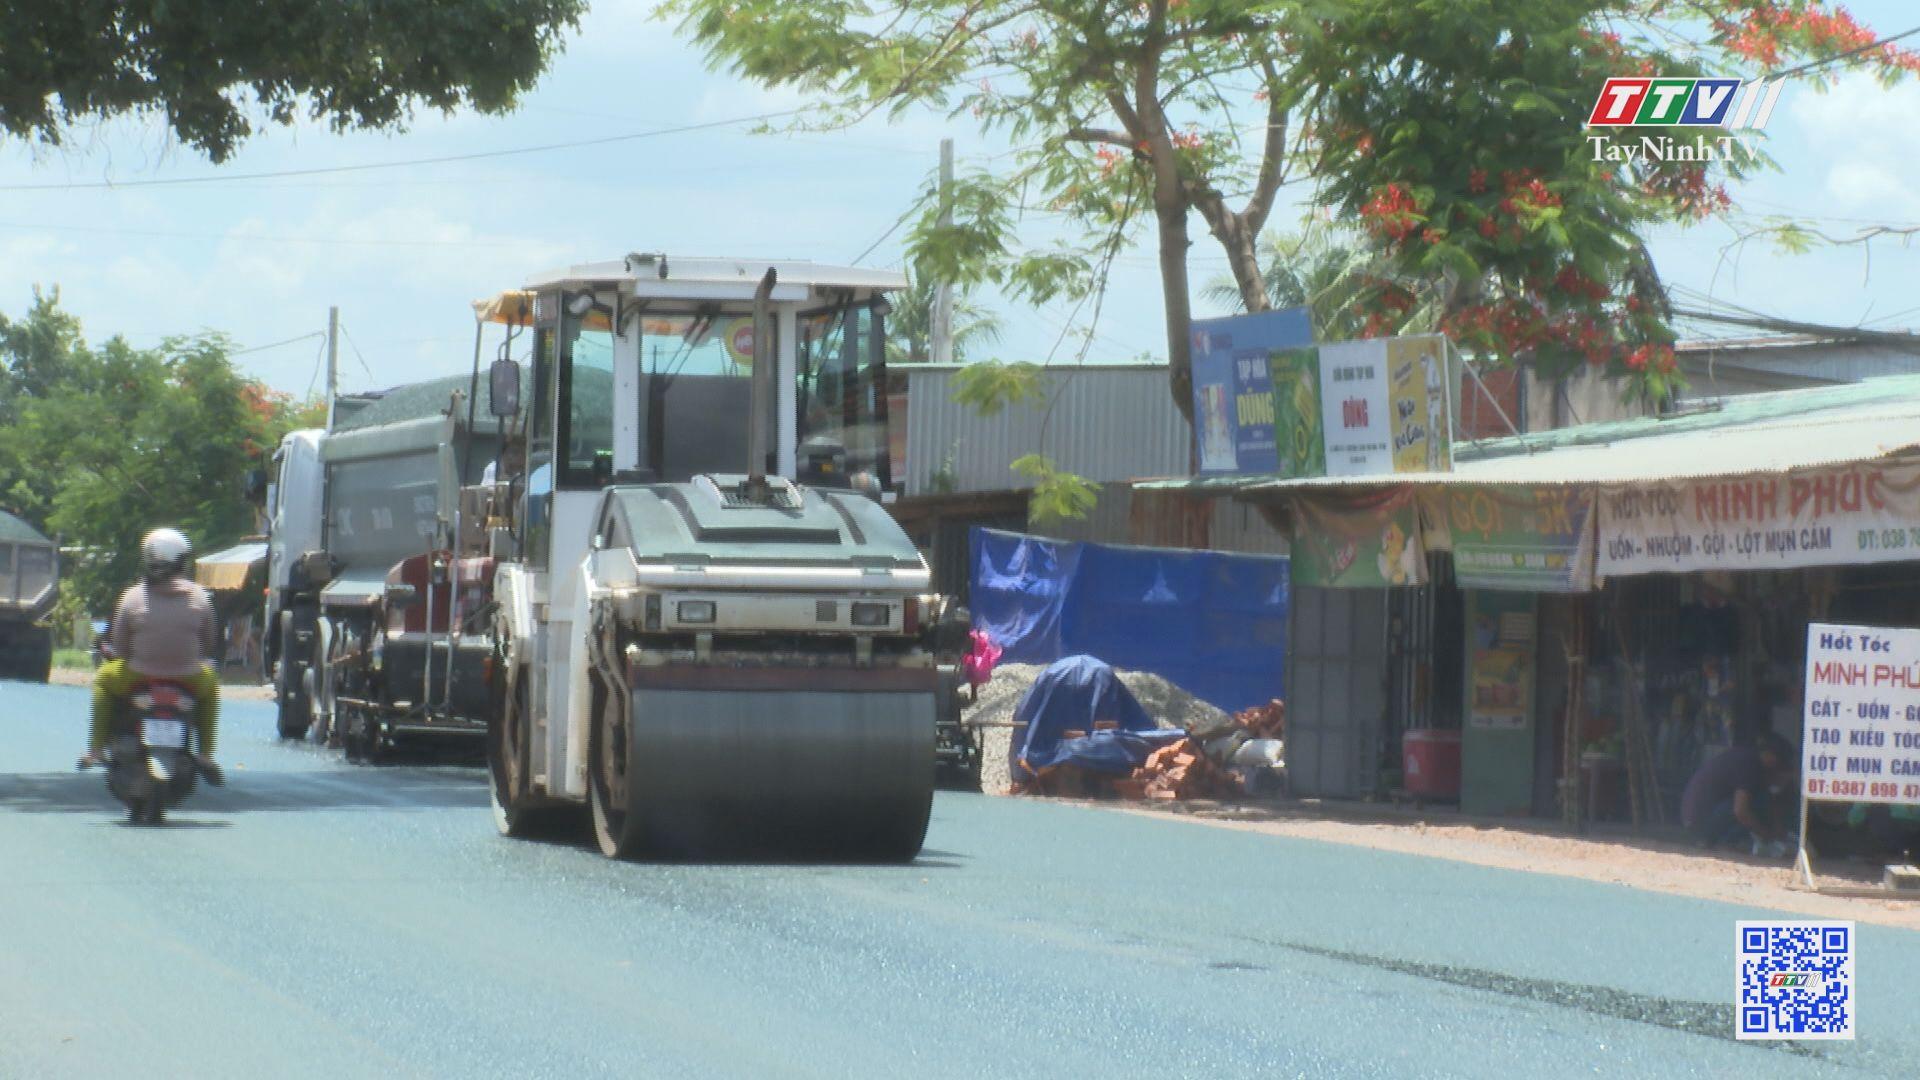 Tập trung xây dựng kết cấu hạ tầng giao thông nông thôn | TÂY NINH XÂY DỰNG NÔNG THÔN MỚI | TayNinhTV